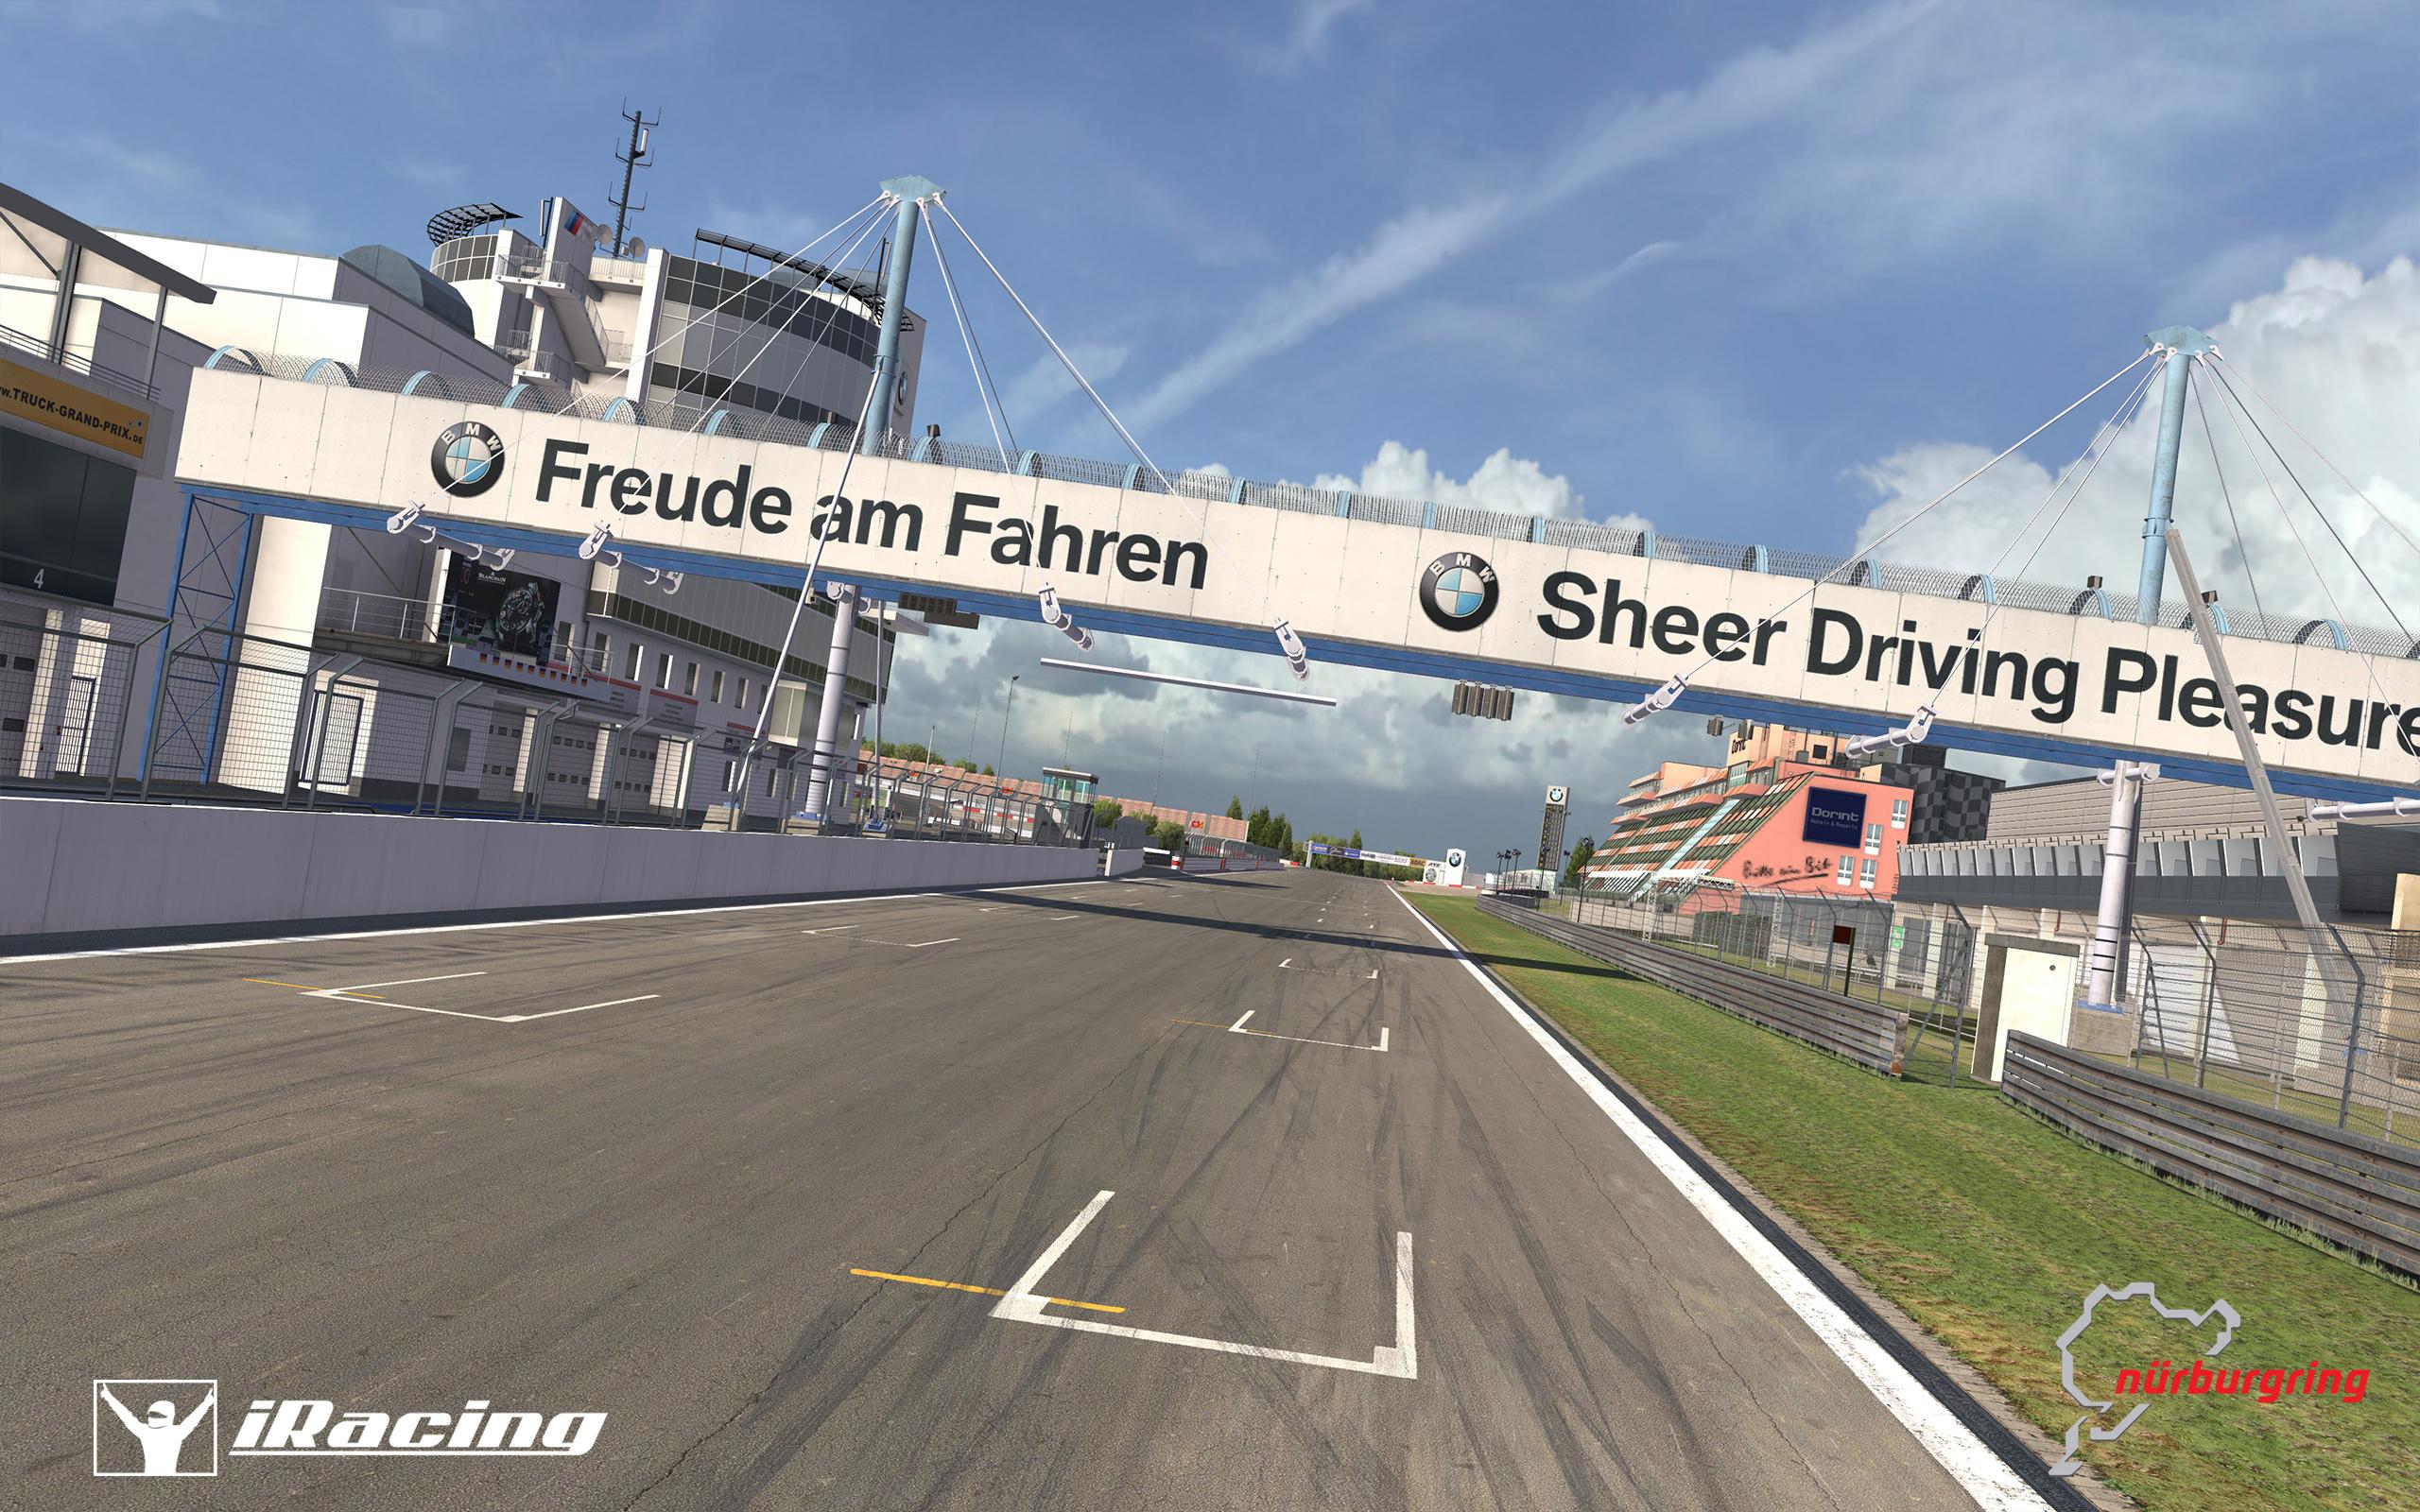 iracing_nurburgring_27